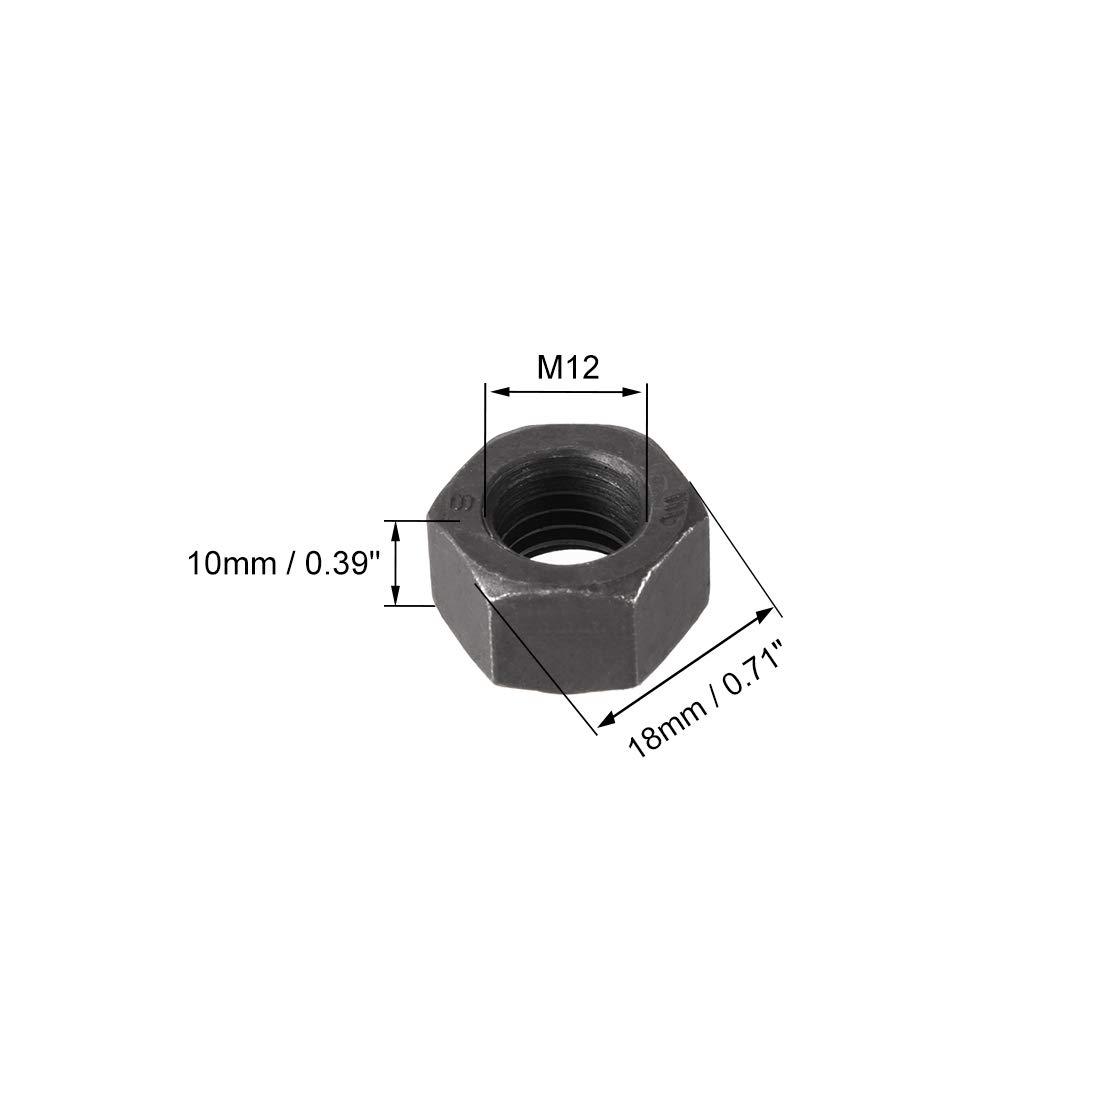 sourcing map 10 St/ück M10 Metrisch Carbon Stahl Kontermutter Sechskantmutter Muttern Schwarz